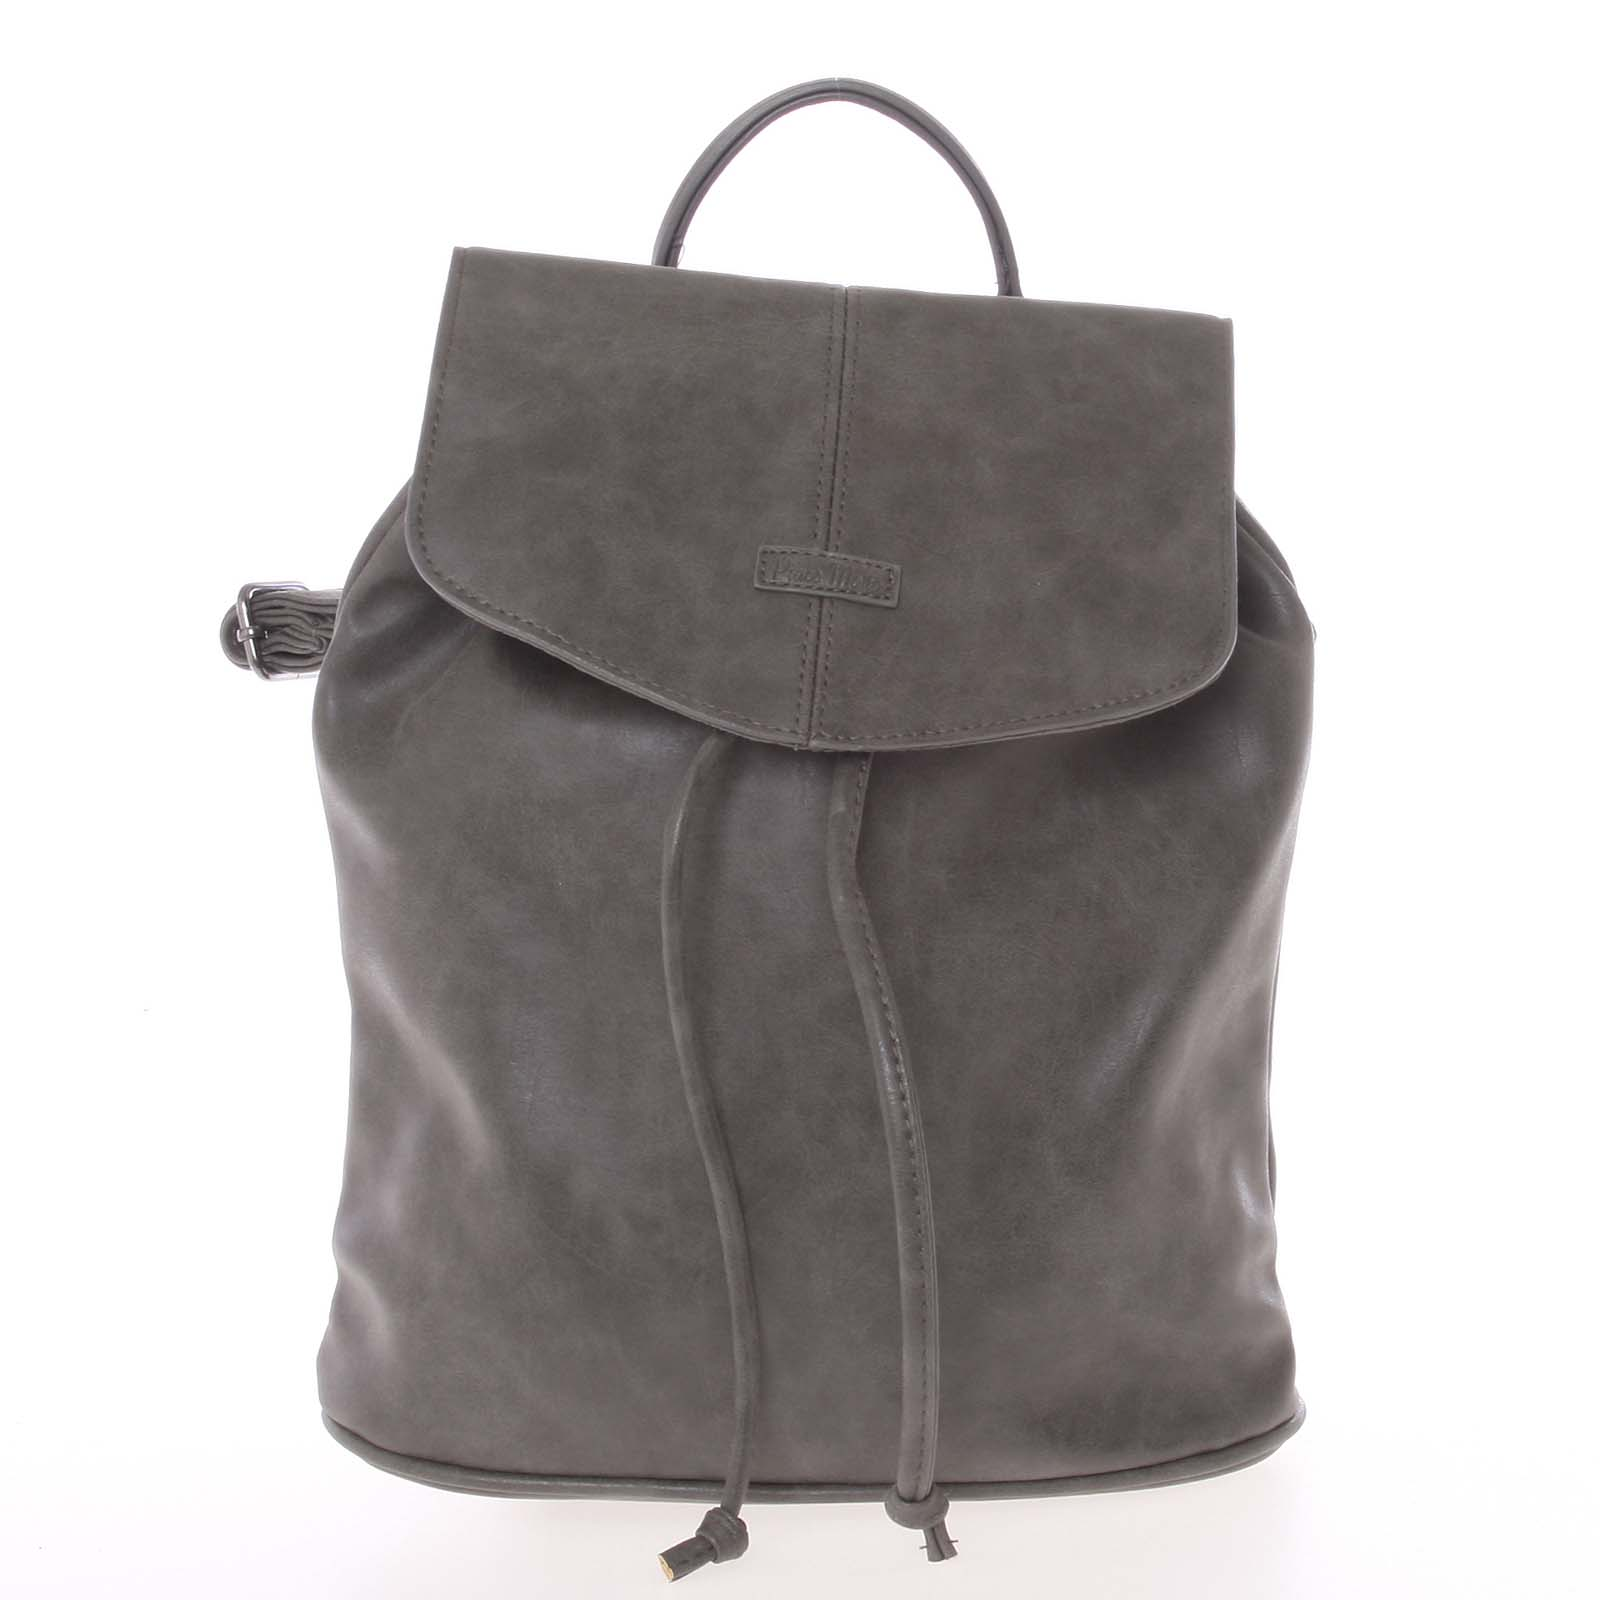 Kvalitní elegantní dámský šedý batůžek - Piace Molto Floriant